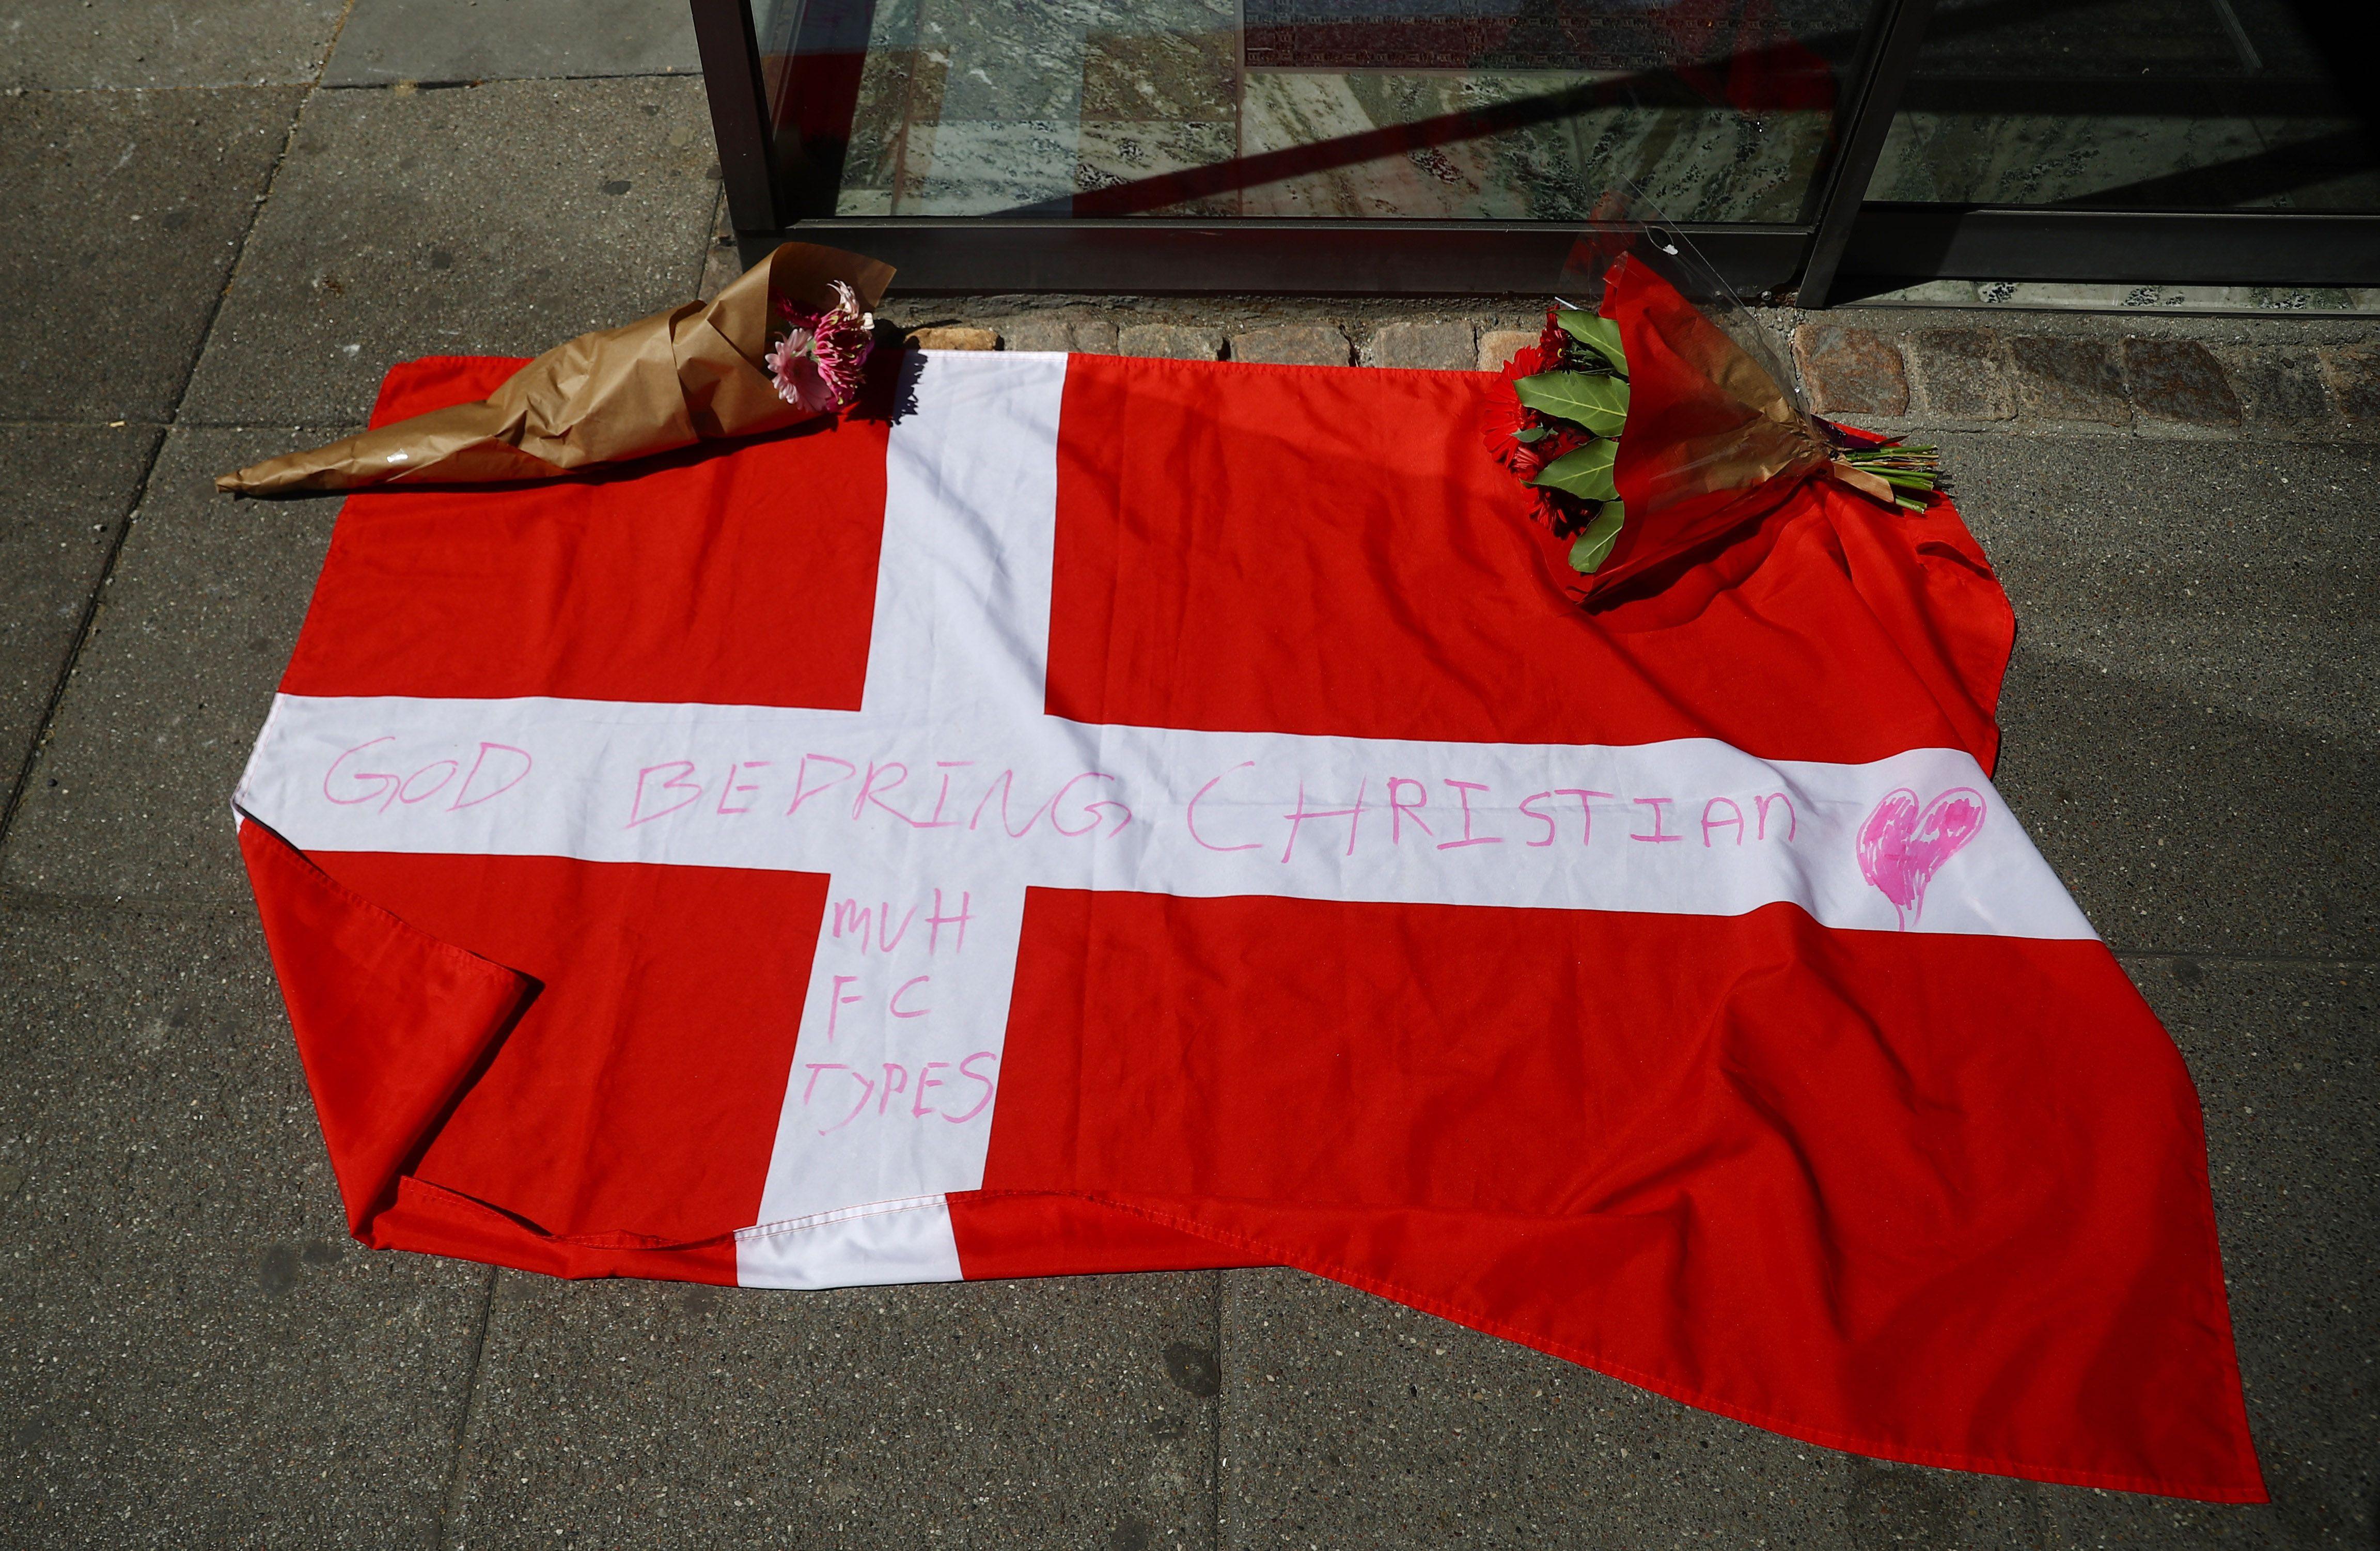 Los fanáticos se acercaron al hospital en el que se encuentra Eriksen y le demostraron su afecto (Reuters)